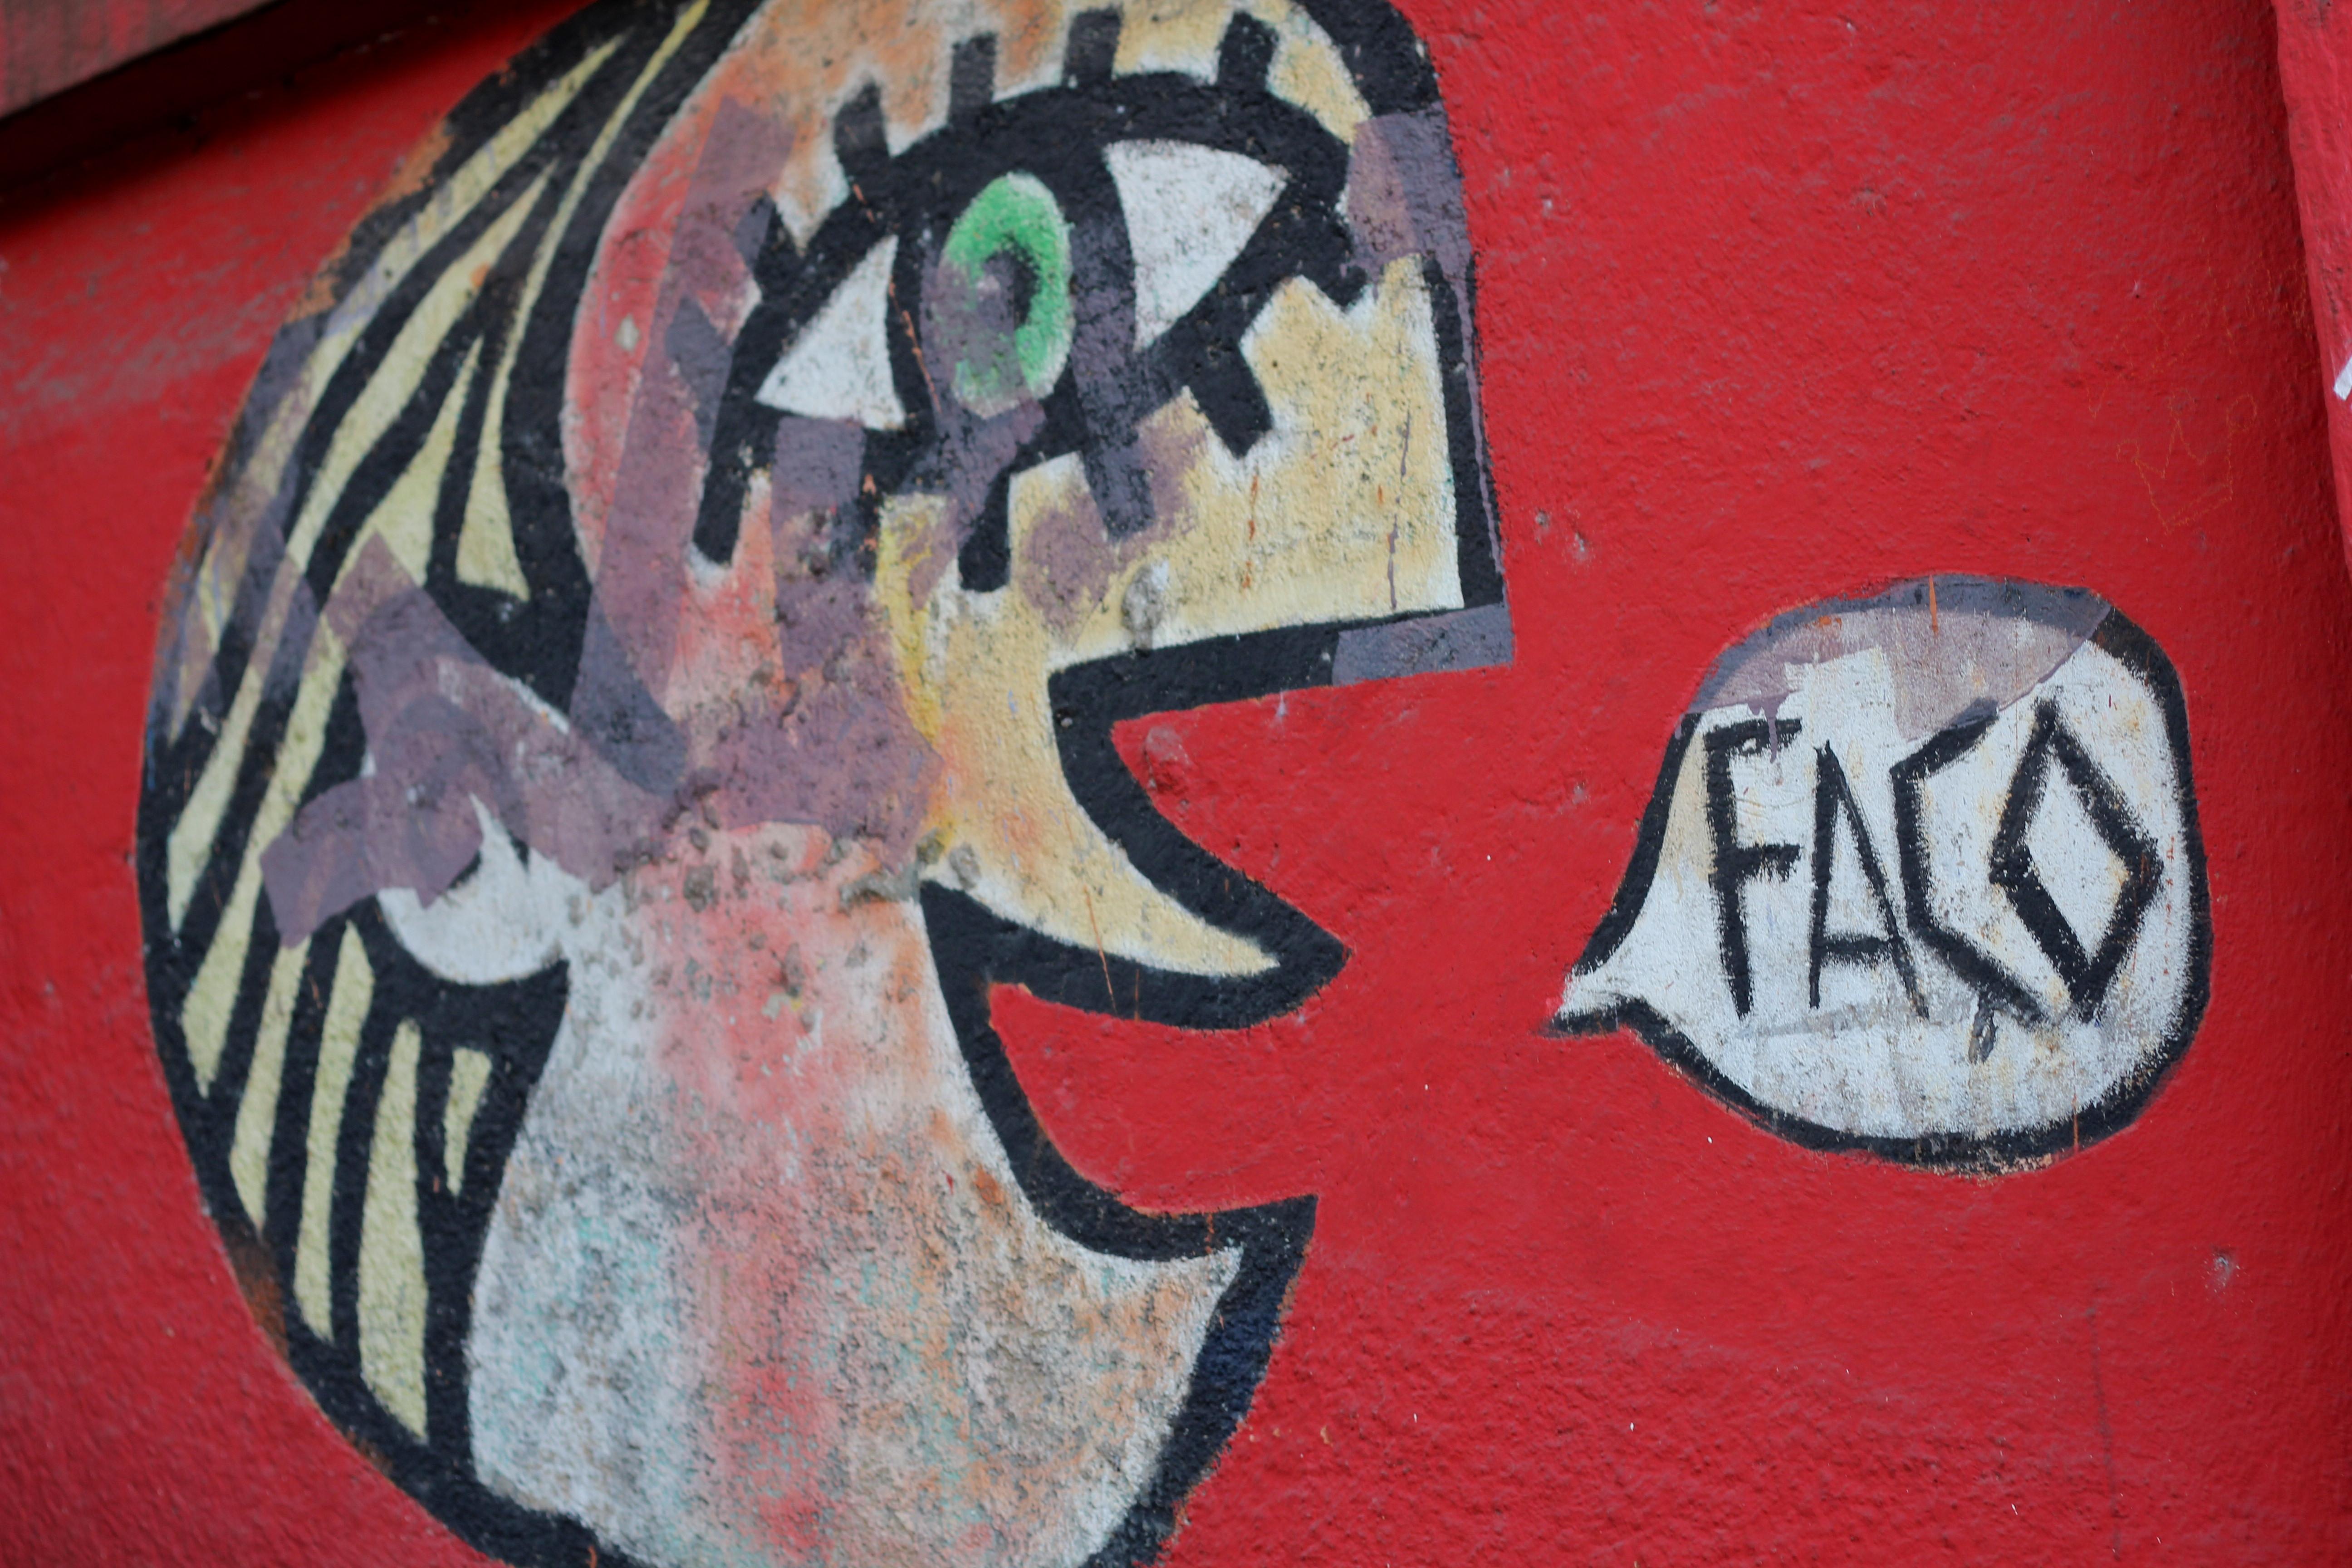 São Paulo's Street Art 57